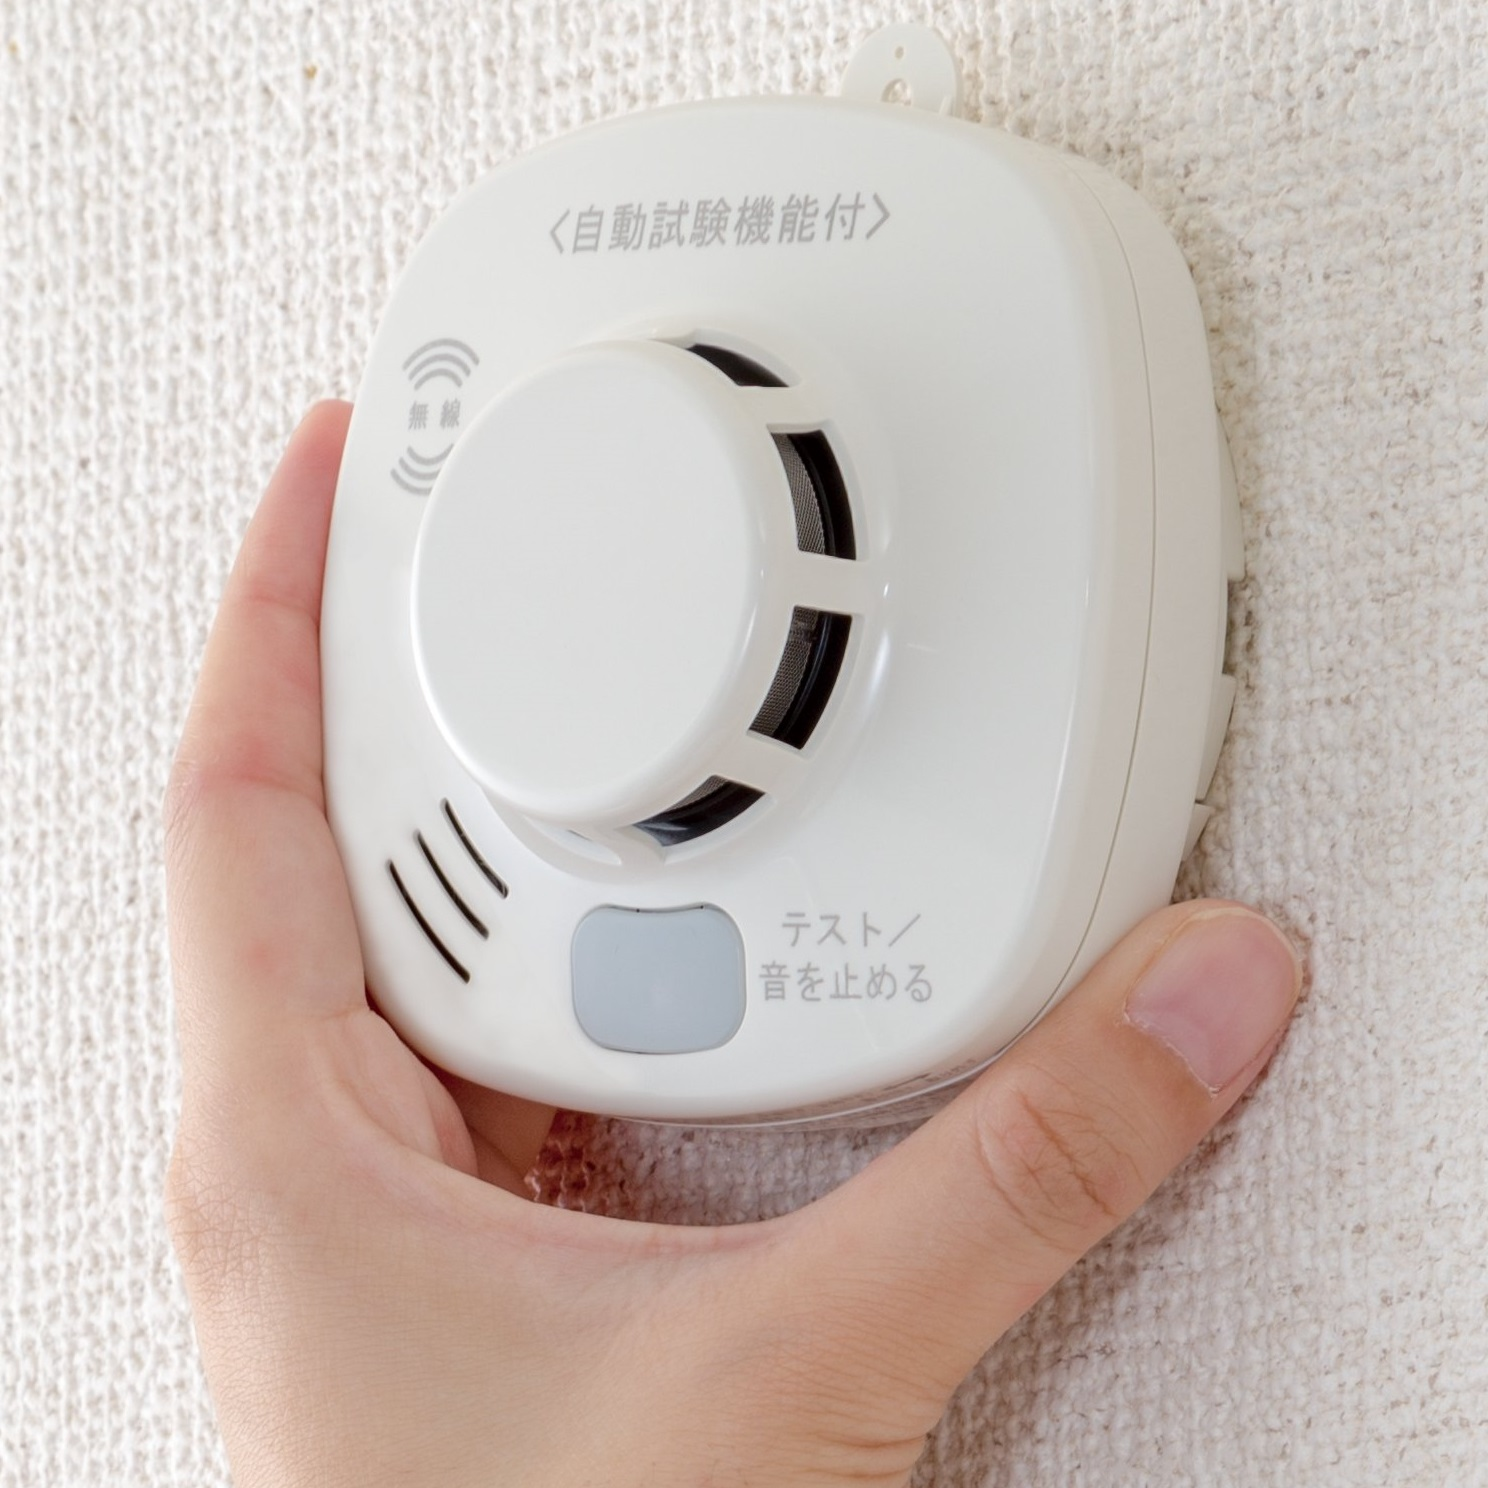 住宅用火災警報器 煙式、連動型、無線式